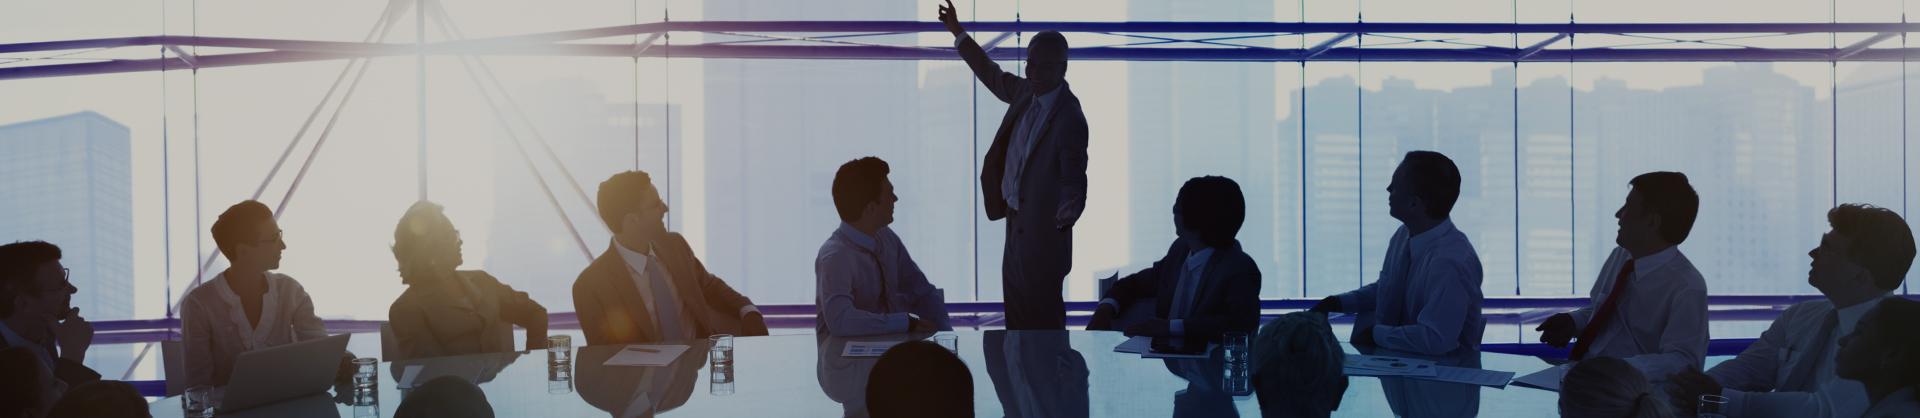 NetLink NBN Trust - Investor Relations : Board Of Directors